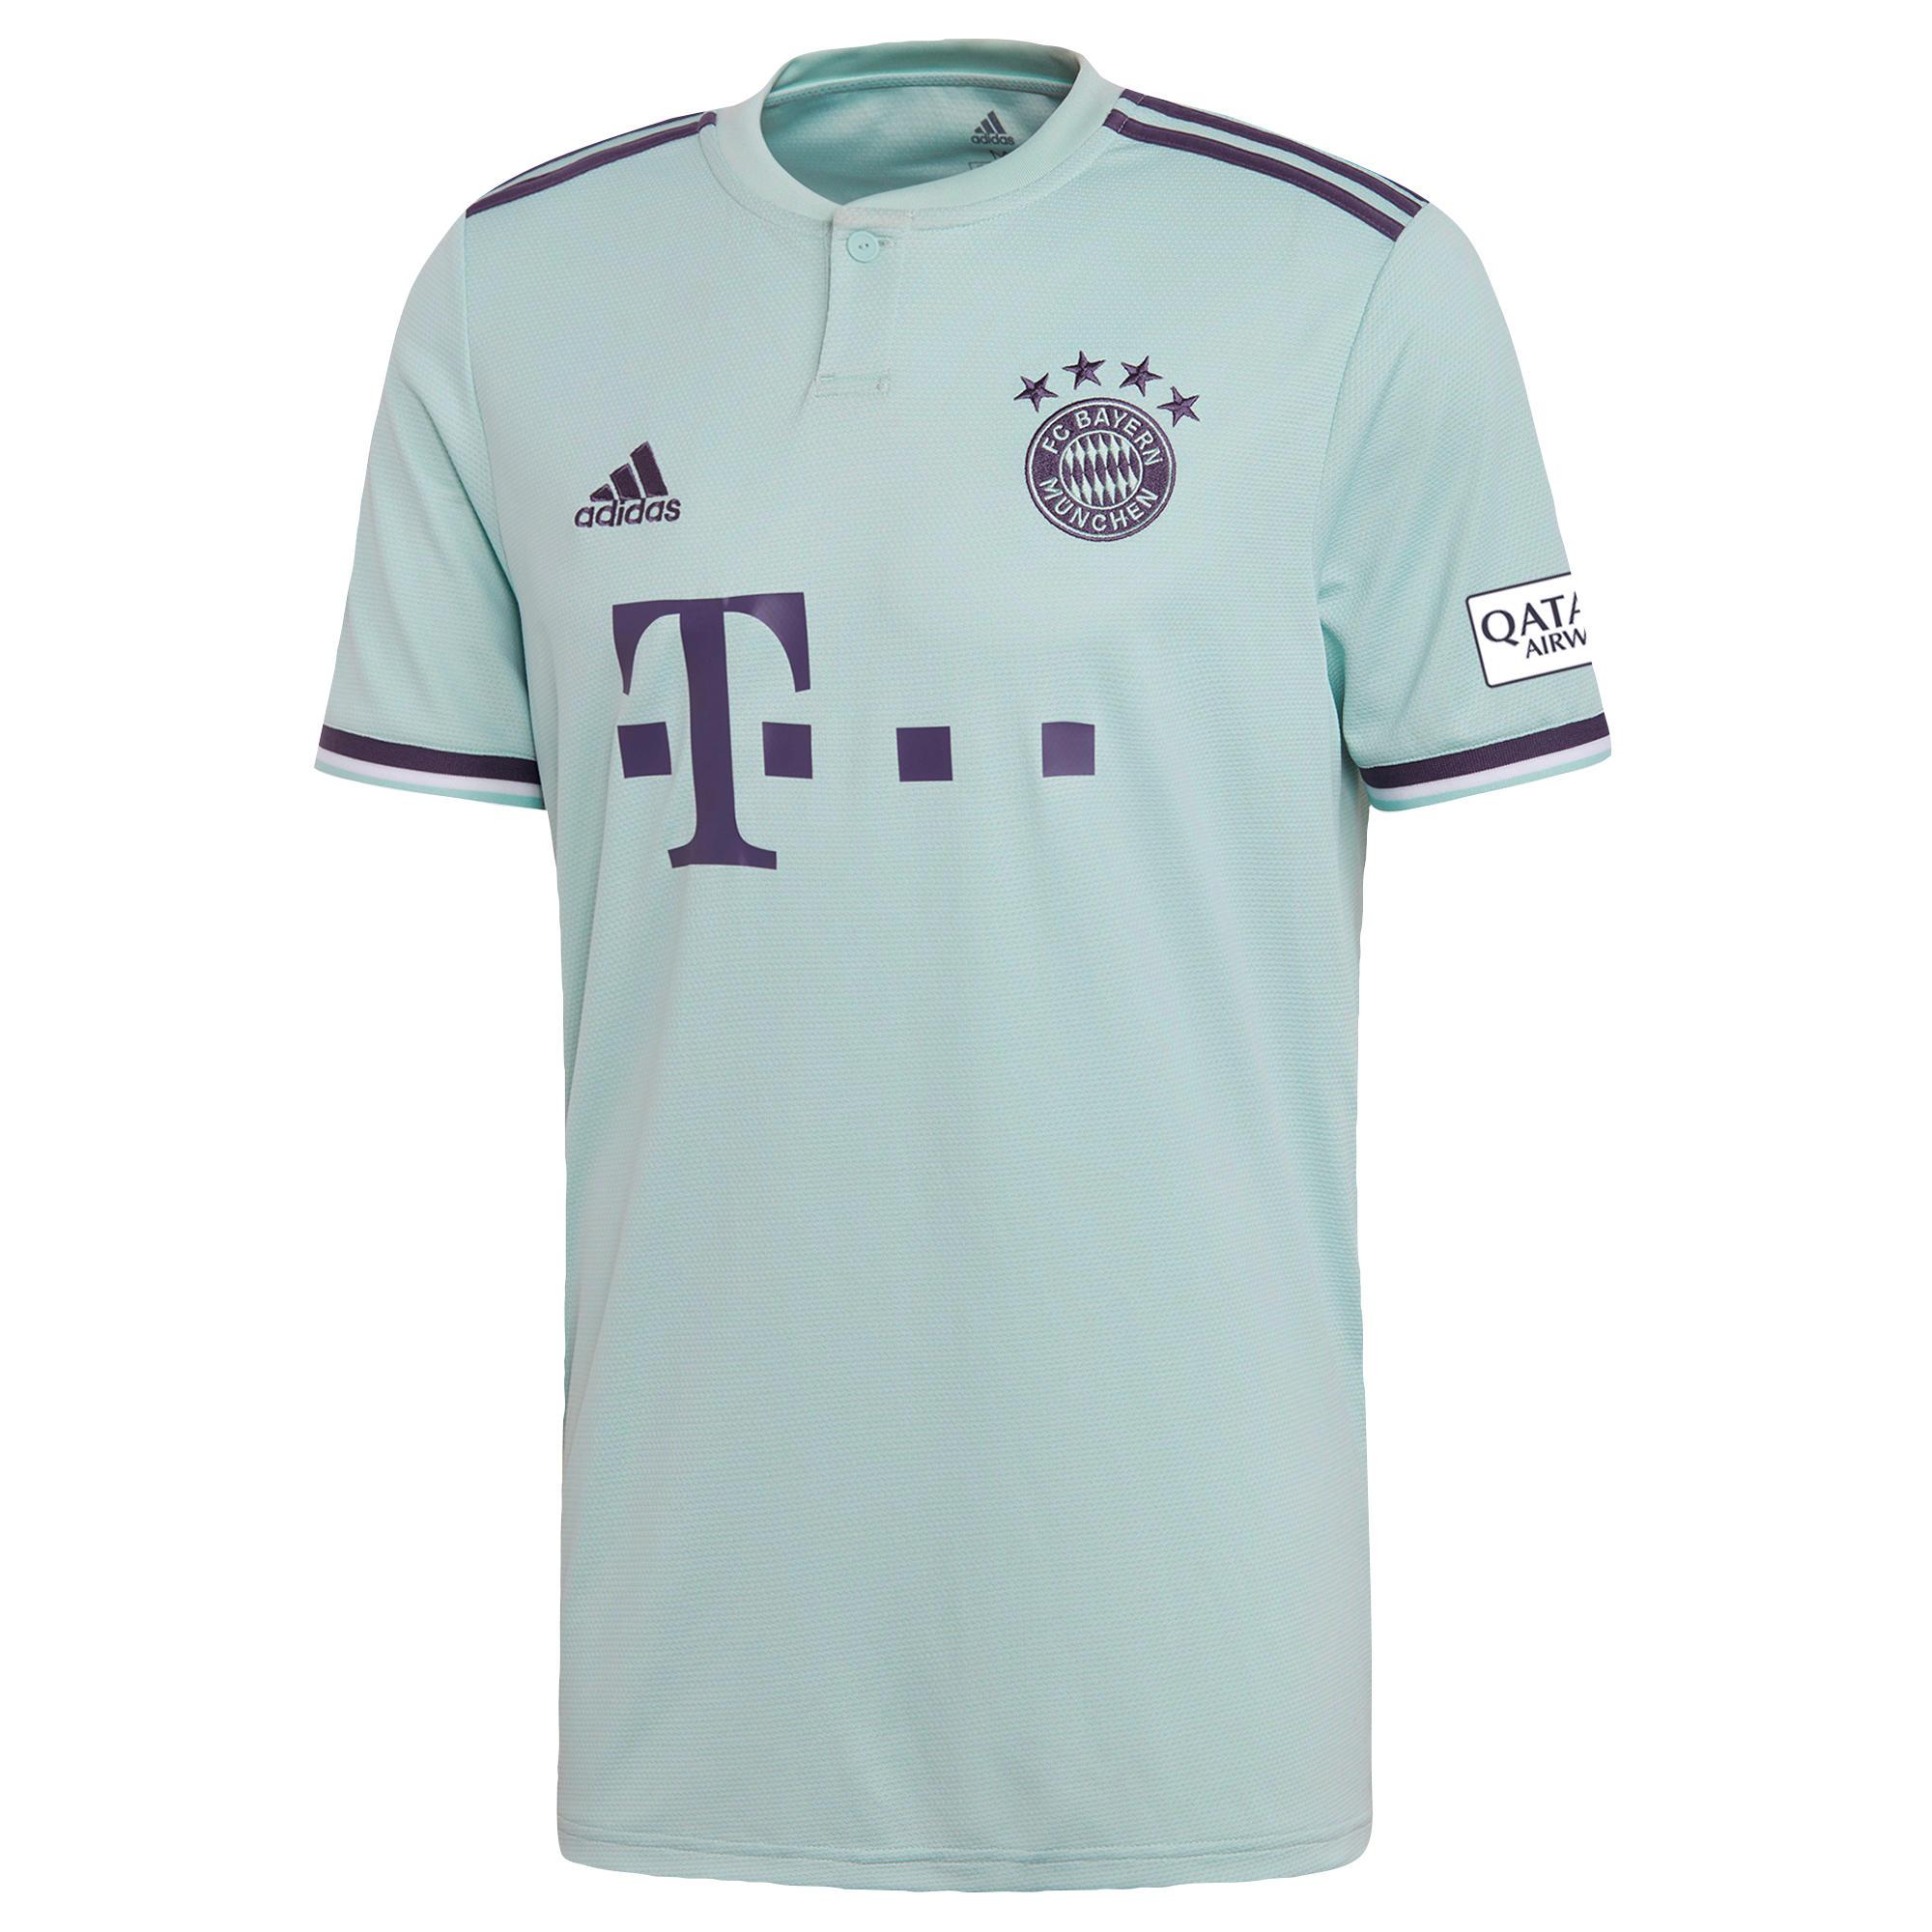 Adidas Voetbalshirt Bayern München uitshirt 18/19 voor kinderen